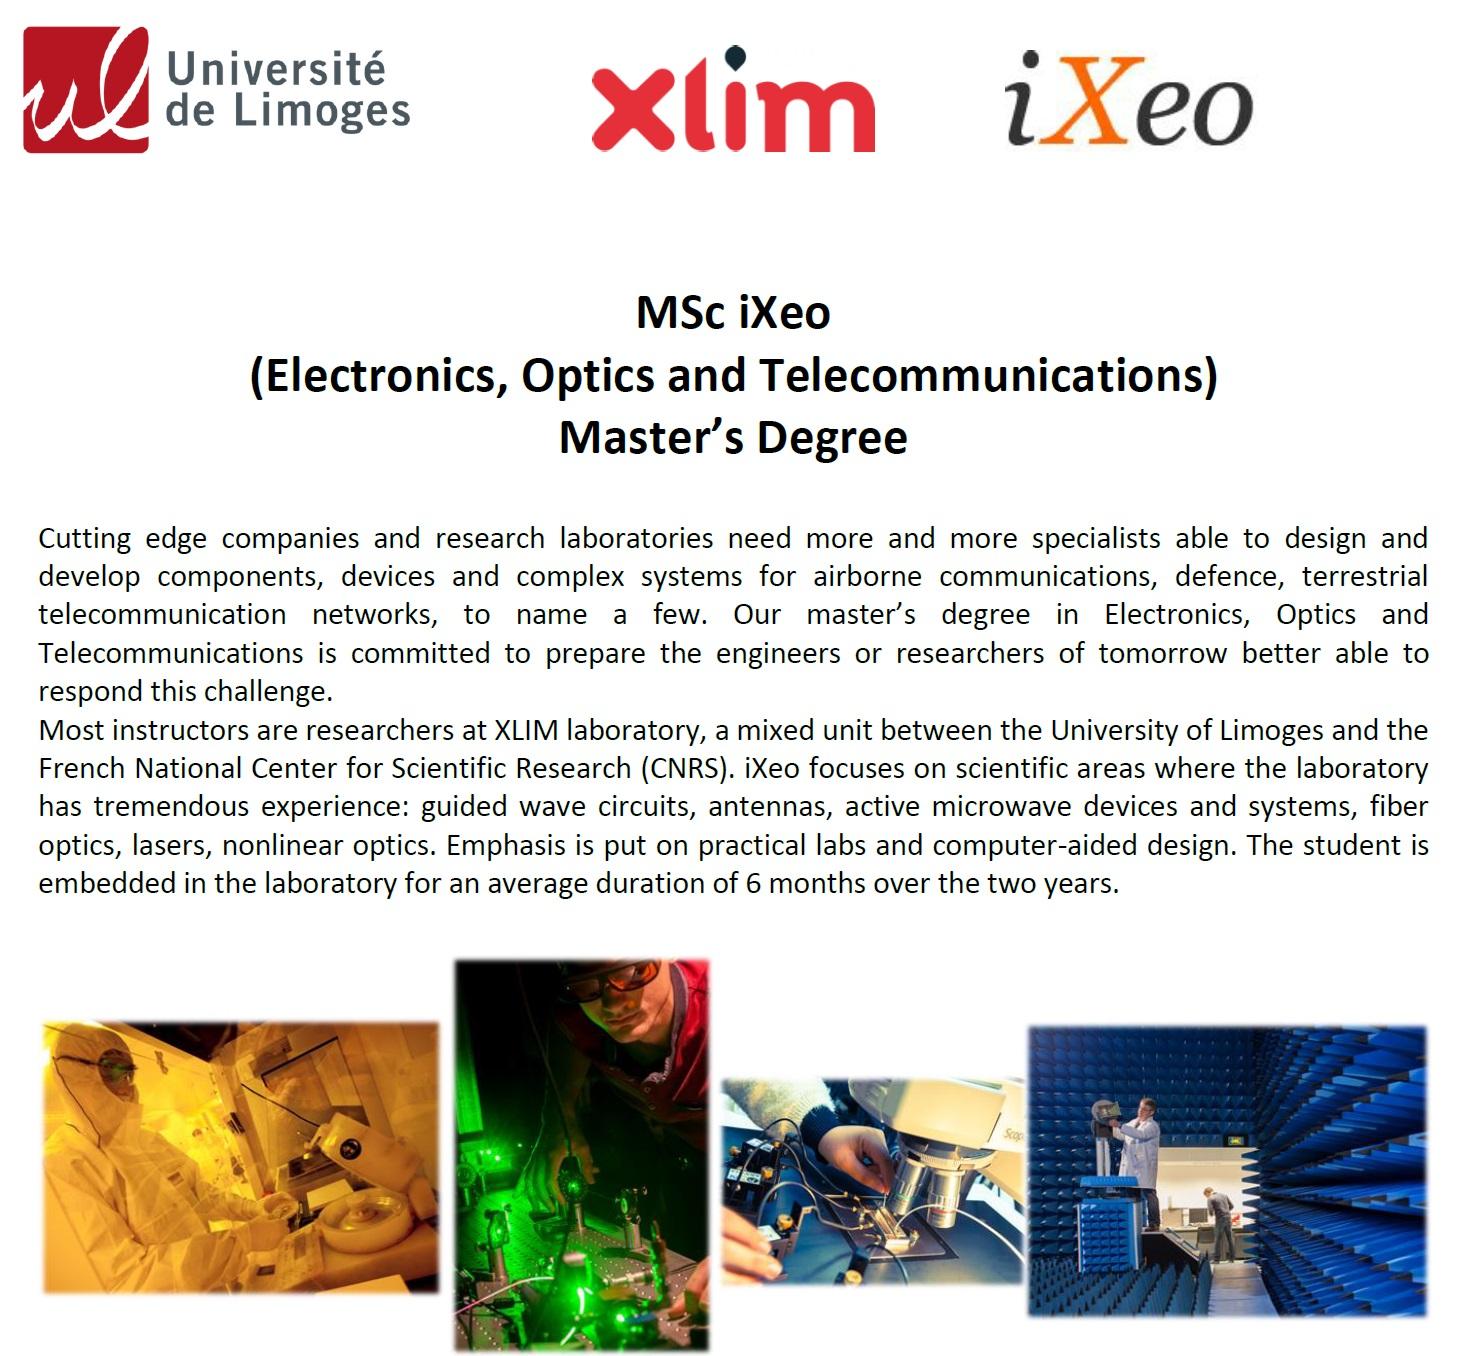 Запрошуємо до участі у відборі на програму подвійного диплому з університетом Лімож